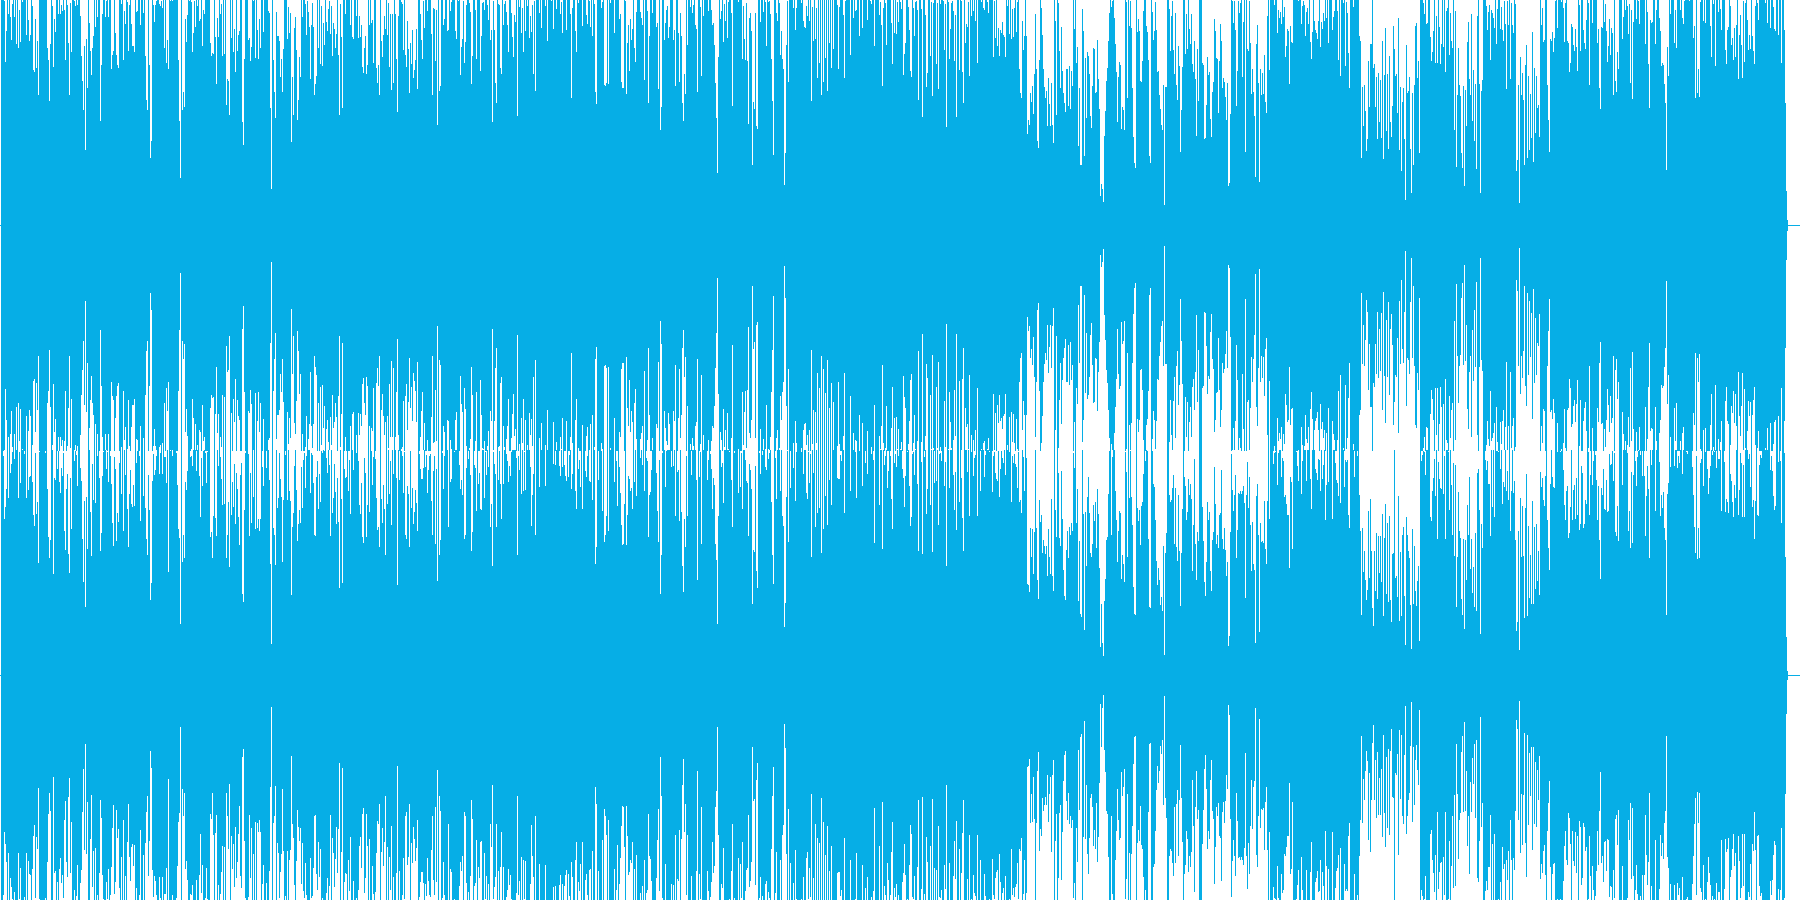 疾走感のあるジャズ ピアノトリオ3の再生済みの波形